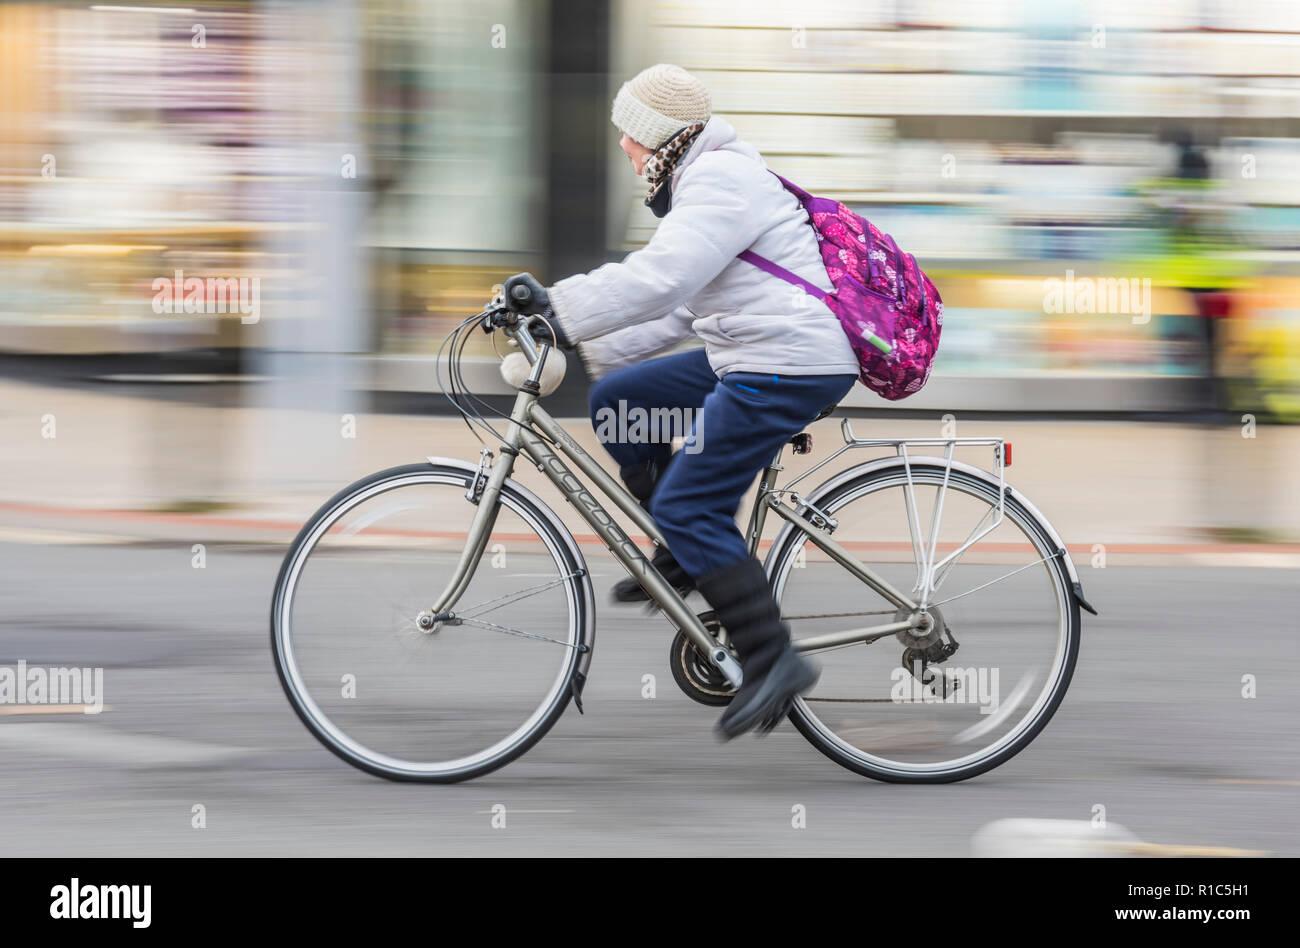 Vista lateral de la mujer de mediana edad montando una bicicleta de cresta dorsal vistiendo sombrero, abrigo y la mochila, mostrando el desenfoque de movimiento, Reino Unido. Ciclismo femenino. Ciclista femenino. Imagen De Stock